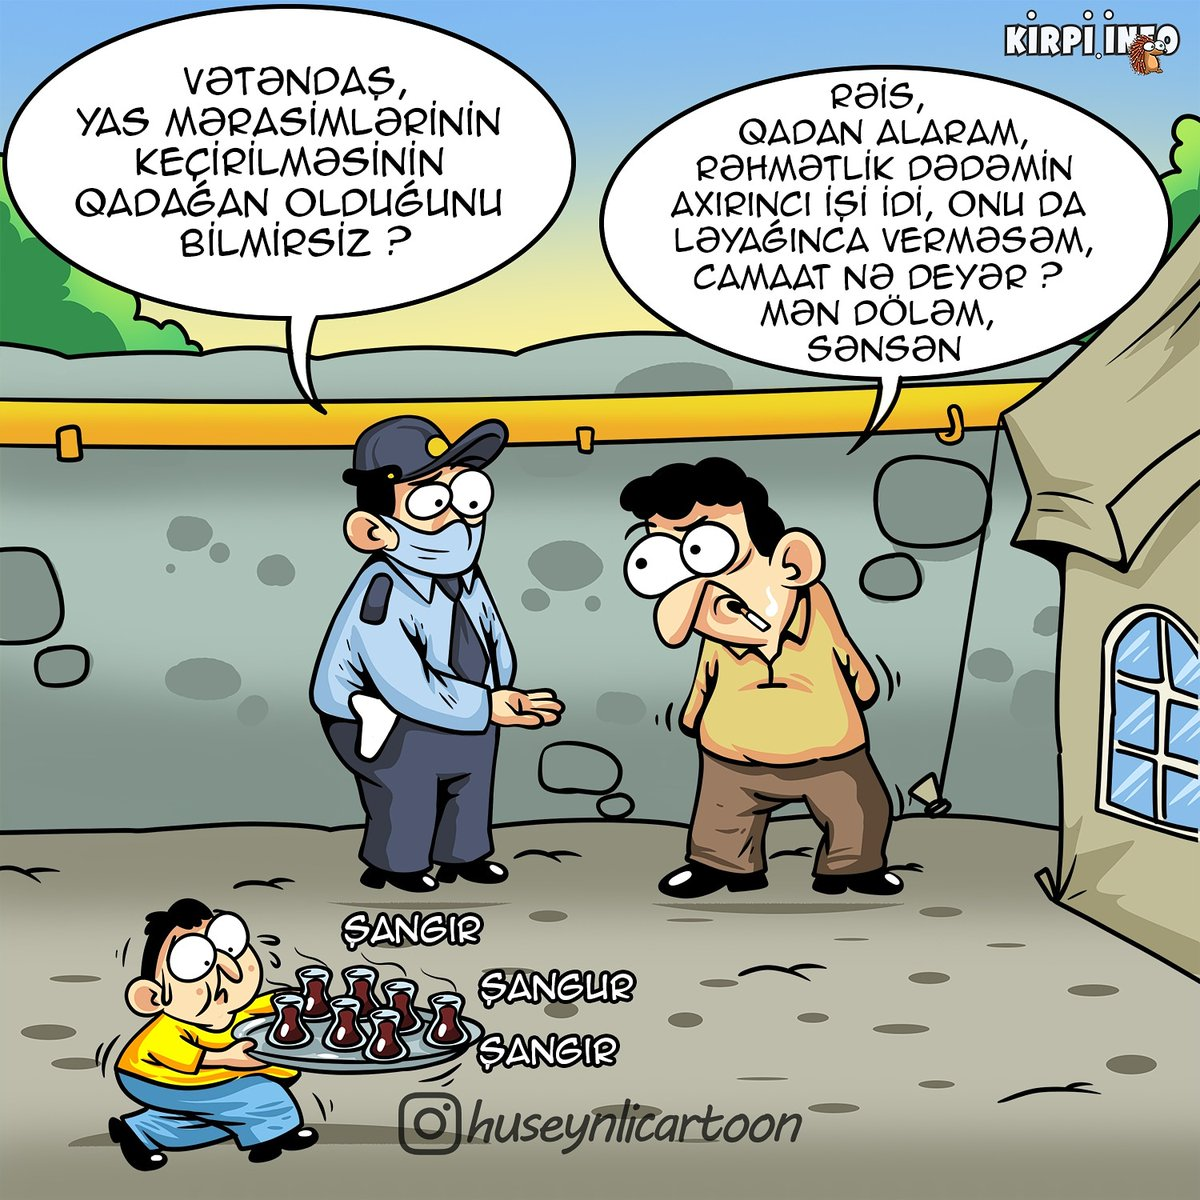 #huseynlicartoon #Bakı #Azərbaycan #Azerbaijan #Baku #FəridHüseynli  #Türkiye #aztagram #karikatura #caricature  #cartoon #Mizah #illustrationpic.twitter.com/xgtQB43Eqv